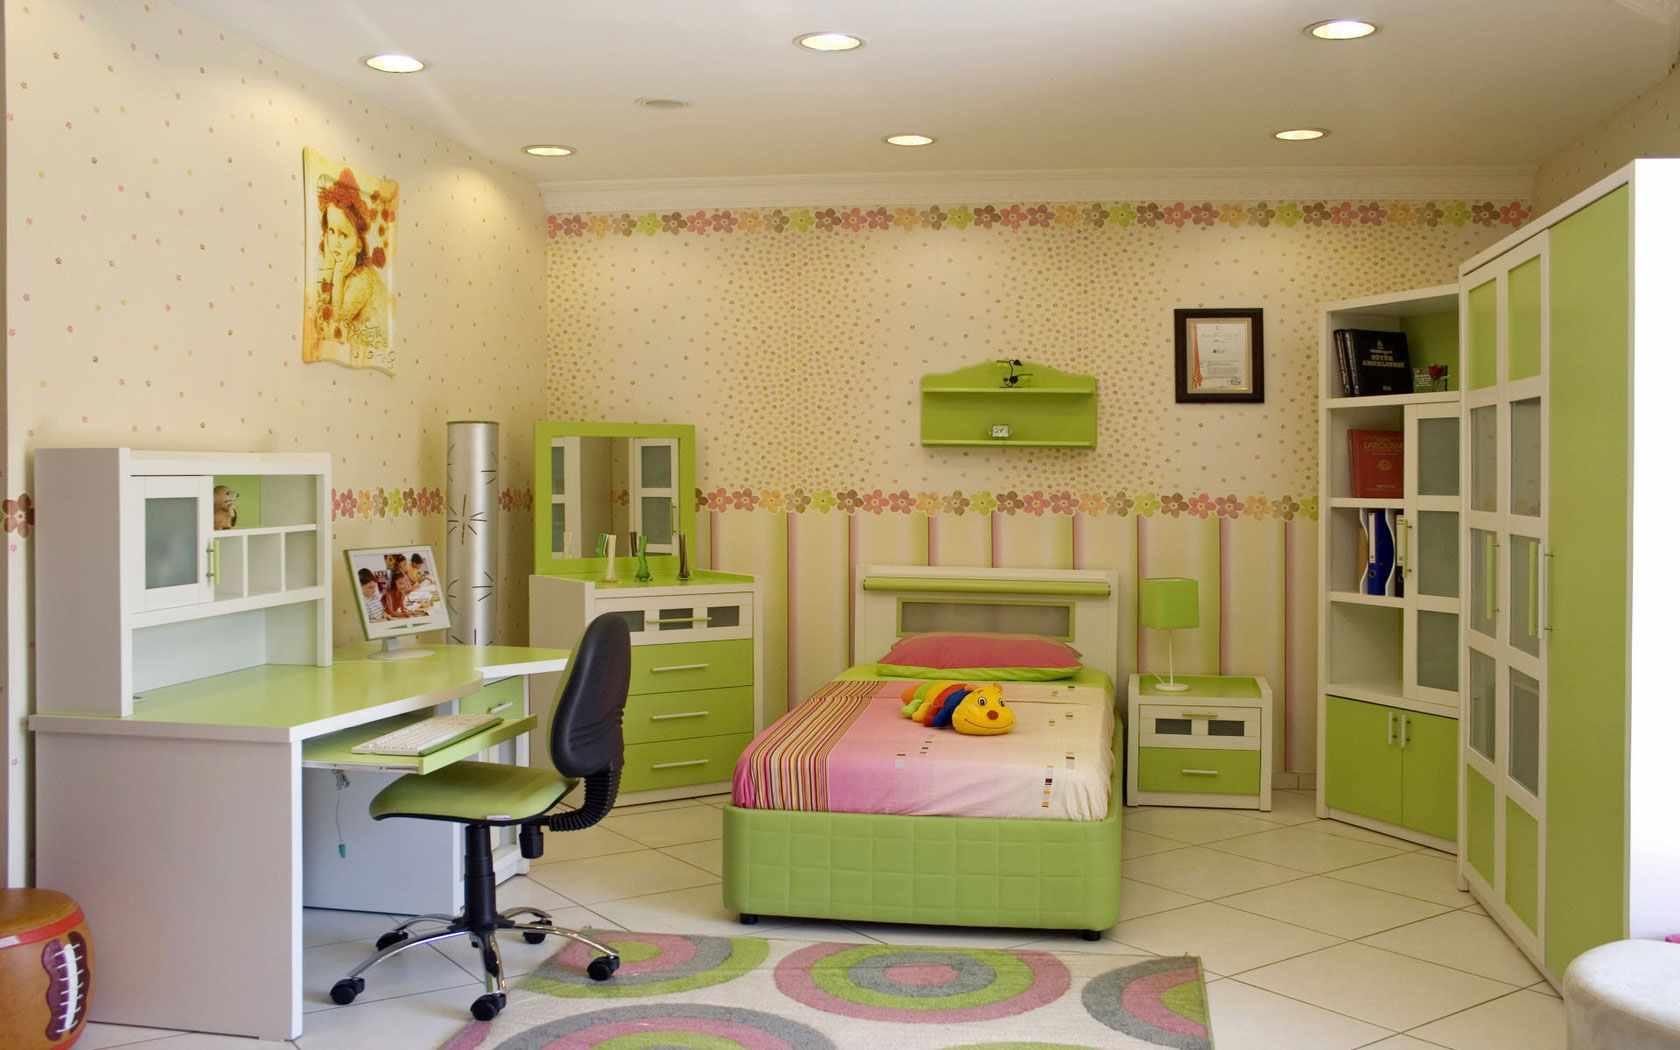 вариант необычного интерьера детской комнаты